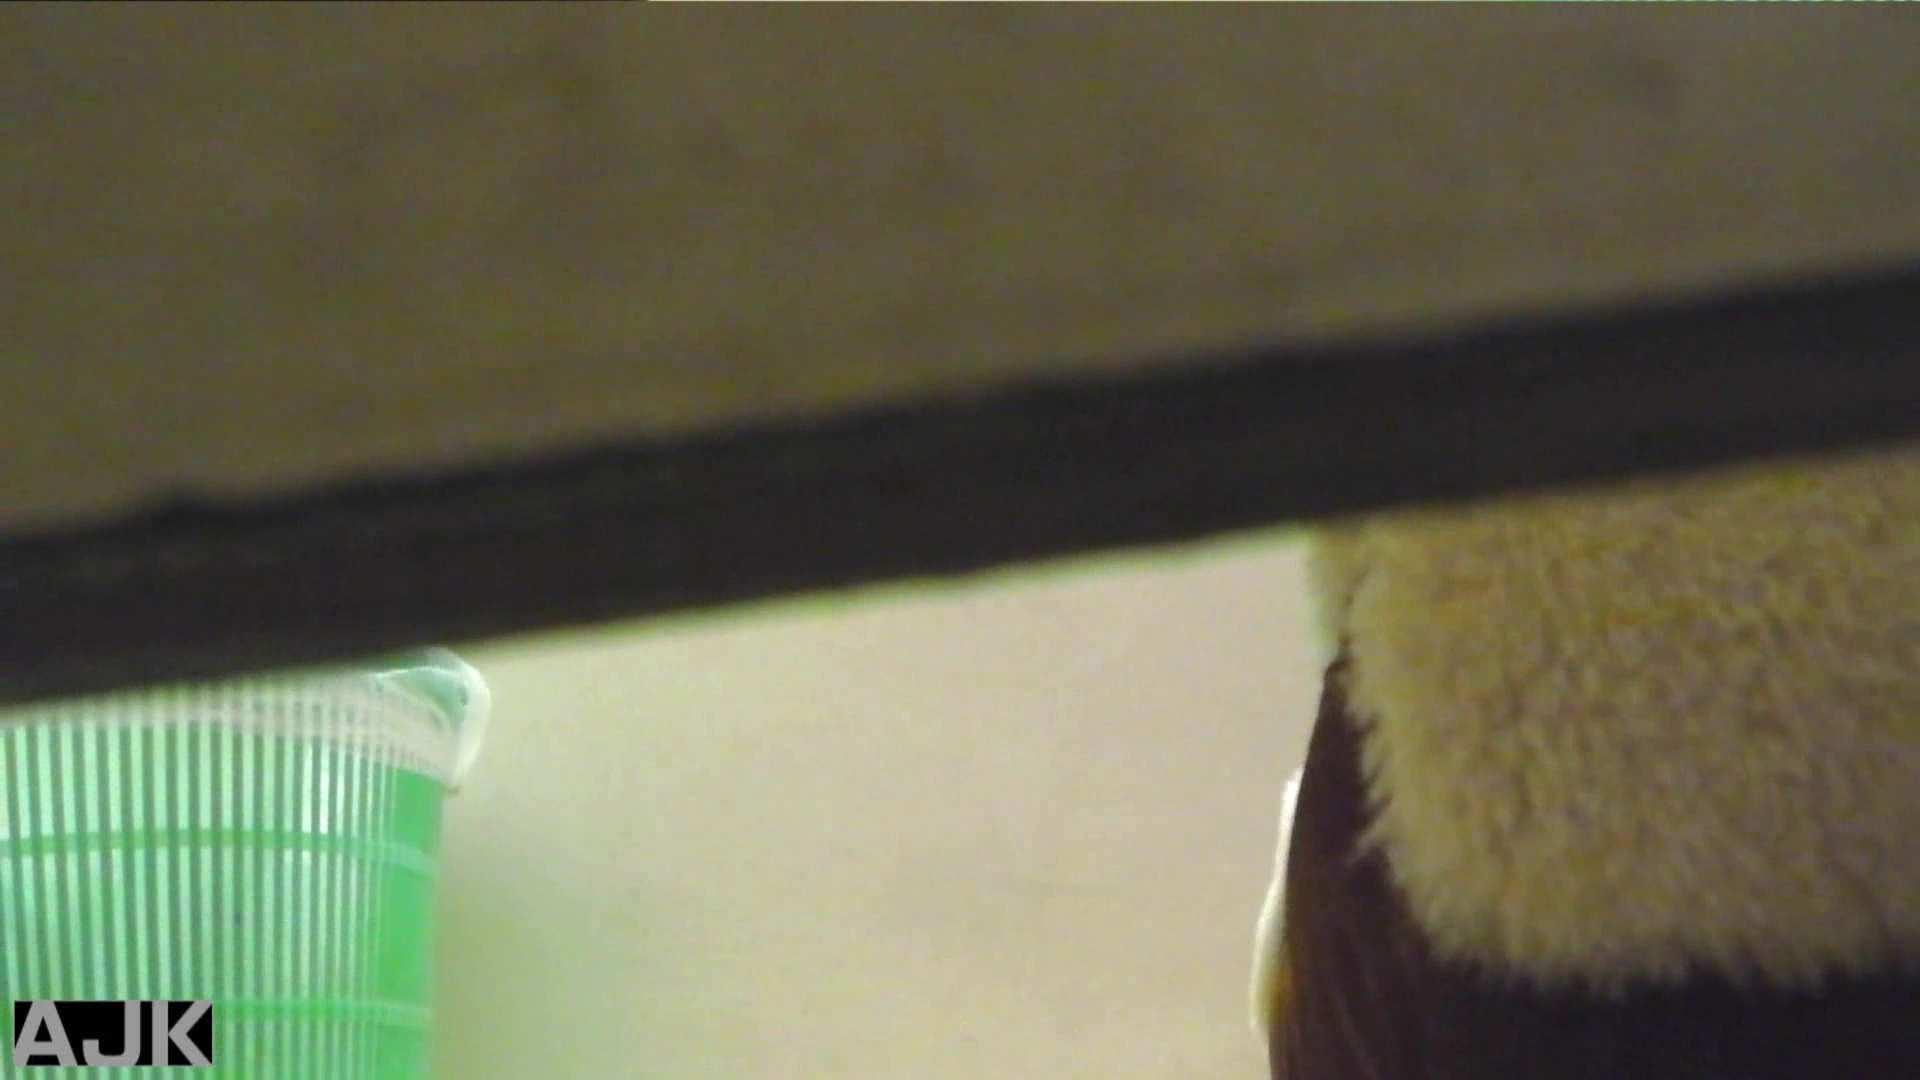 隣国上階級エリアの令嬢たちが集うデパートお手洗い Vol.20 お手洗い | 色っぽいOL達  89pic 11